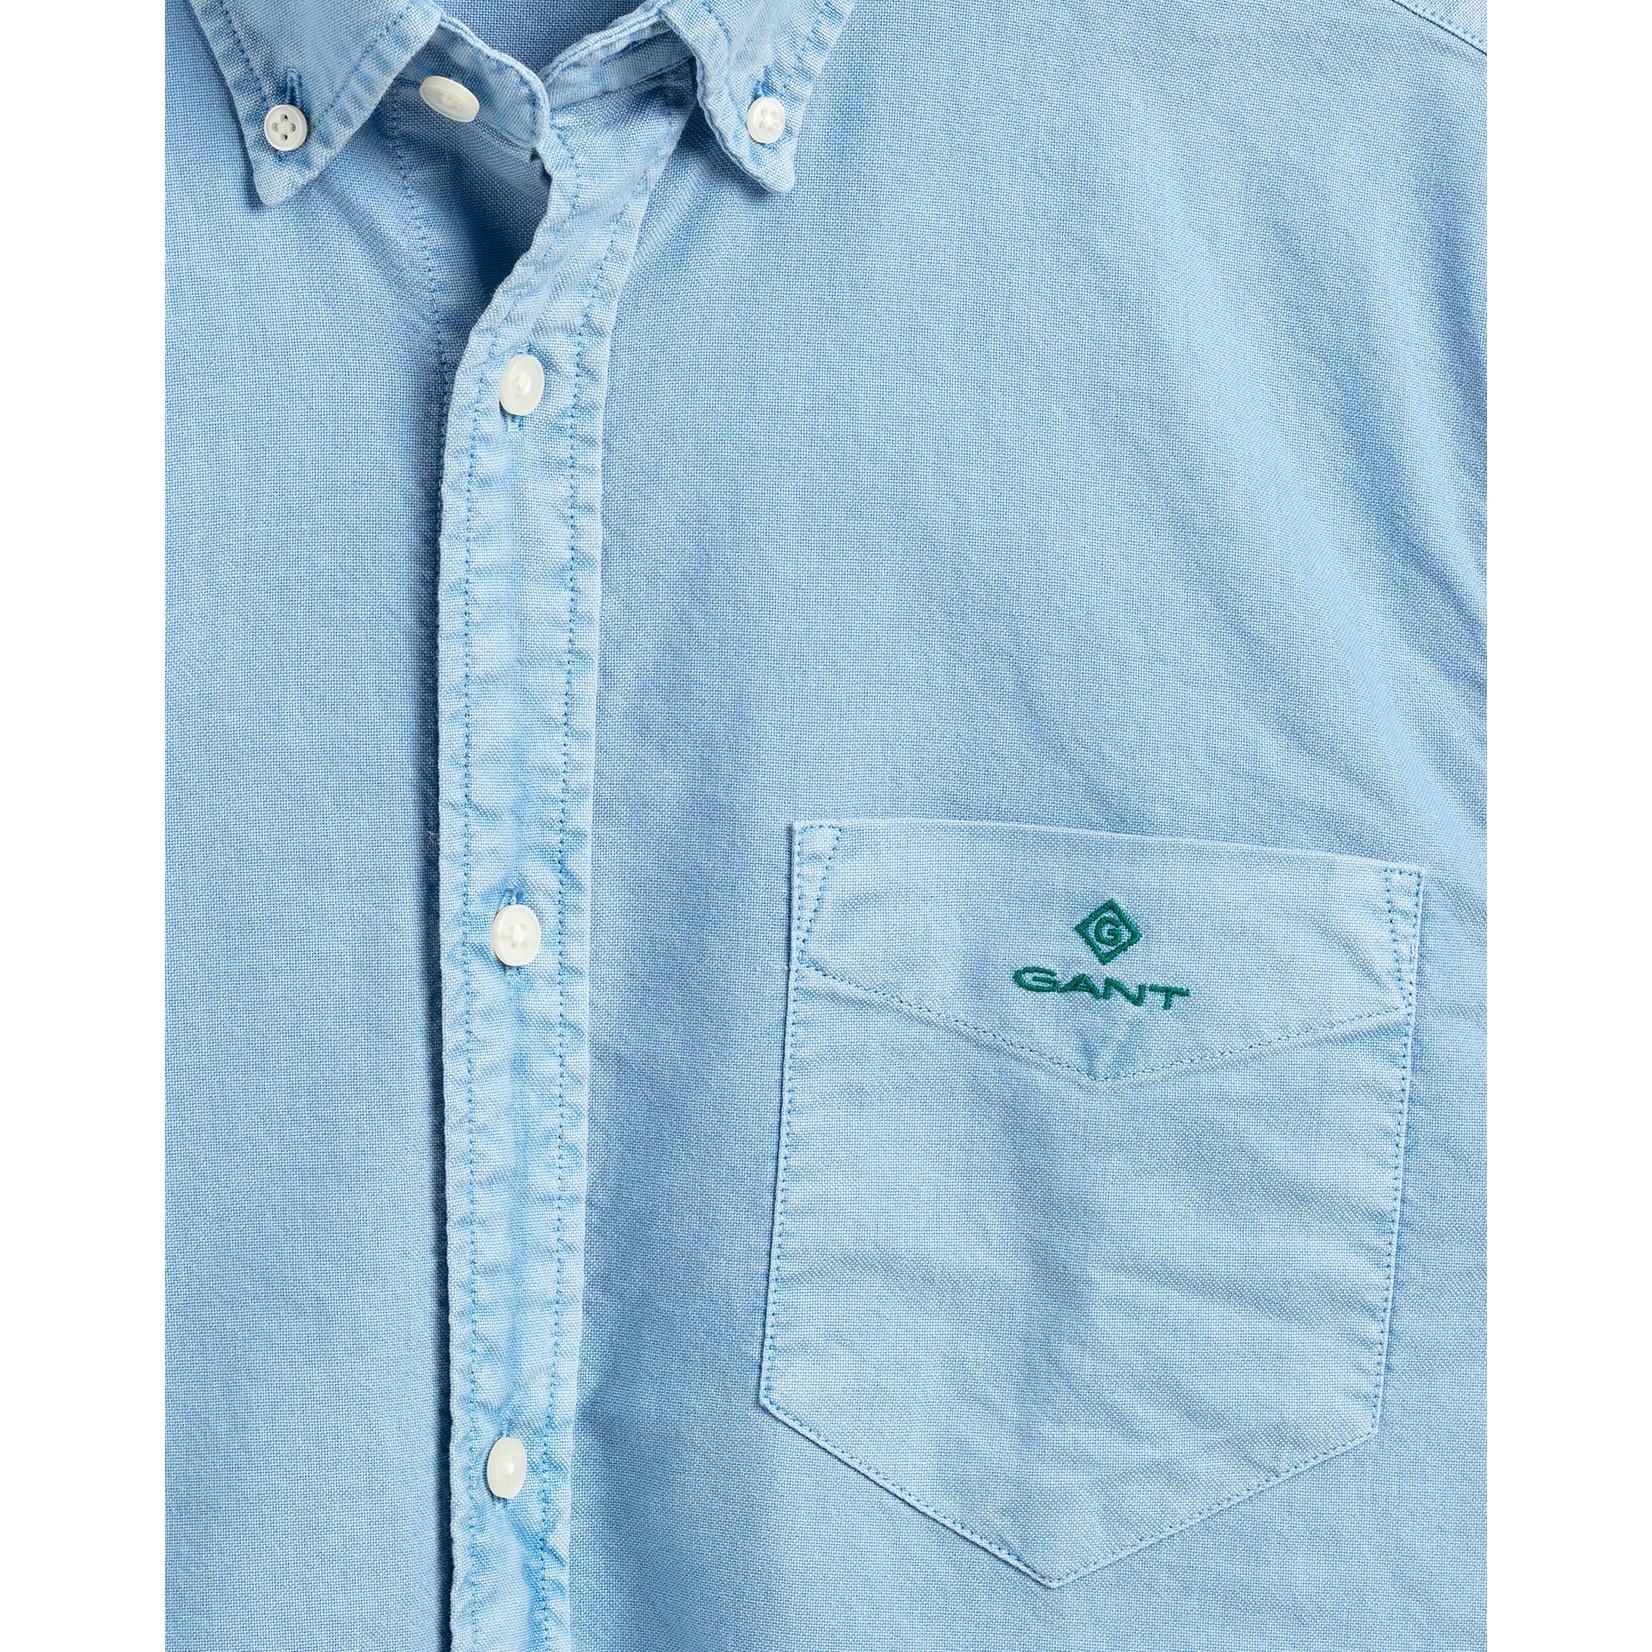 GANT Oxford overhemd lichtblauw